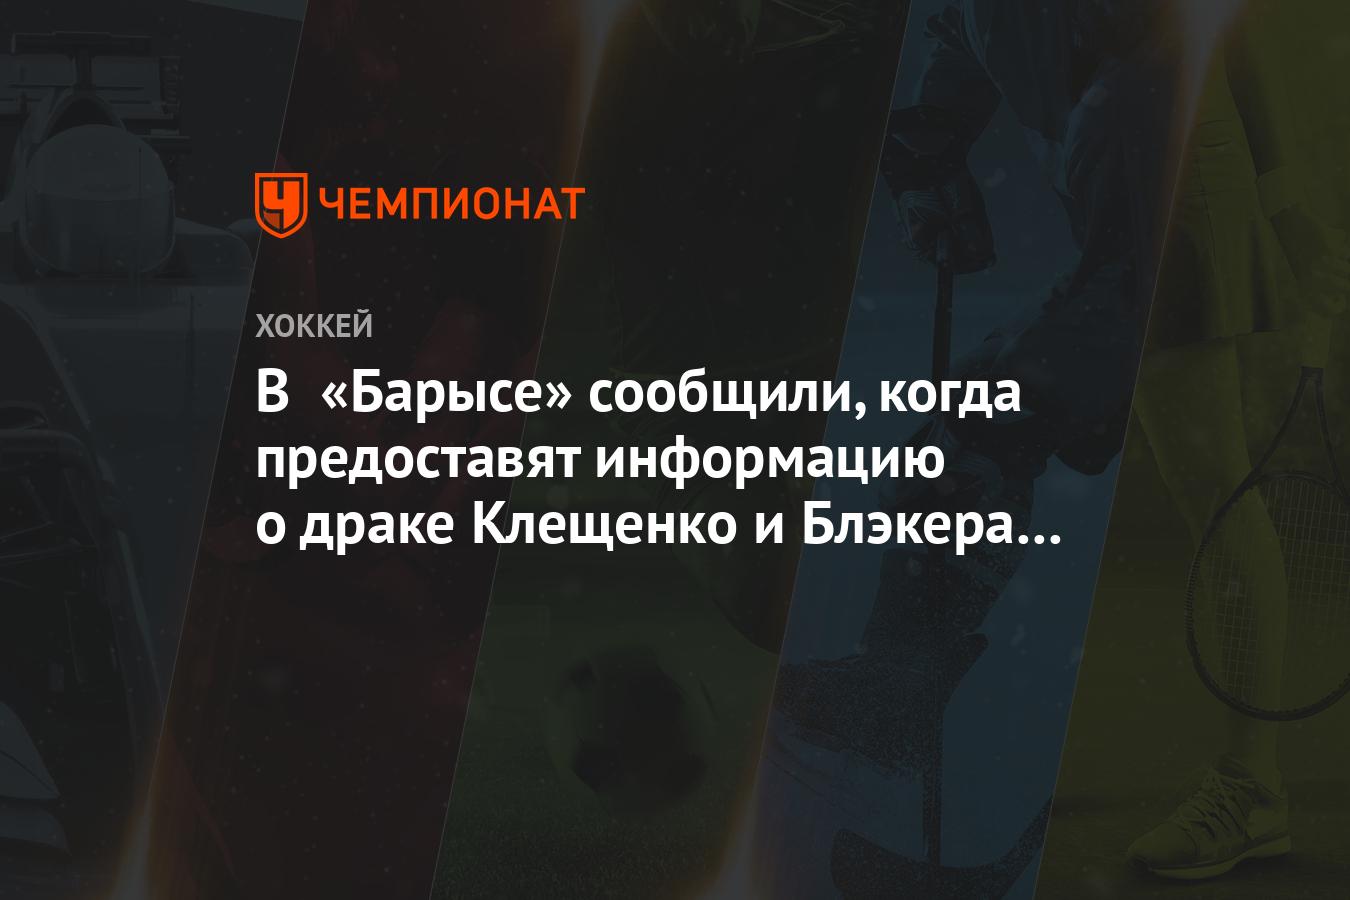 В «Барысе» сообщили, когда предоставят информацию о драке Клещенко и Блэкера на тренировке